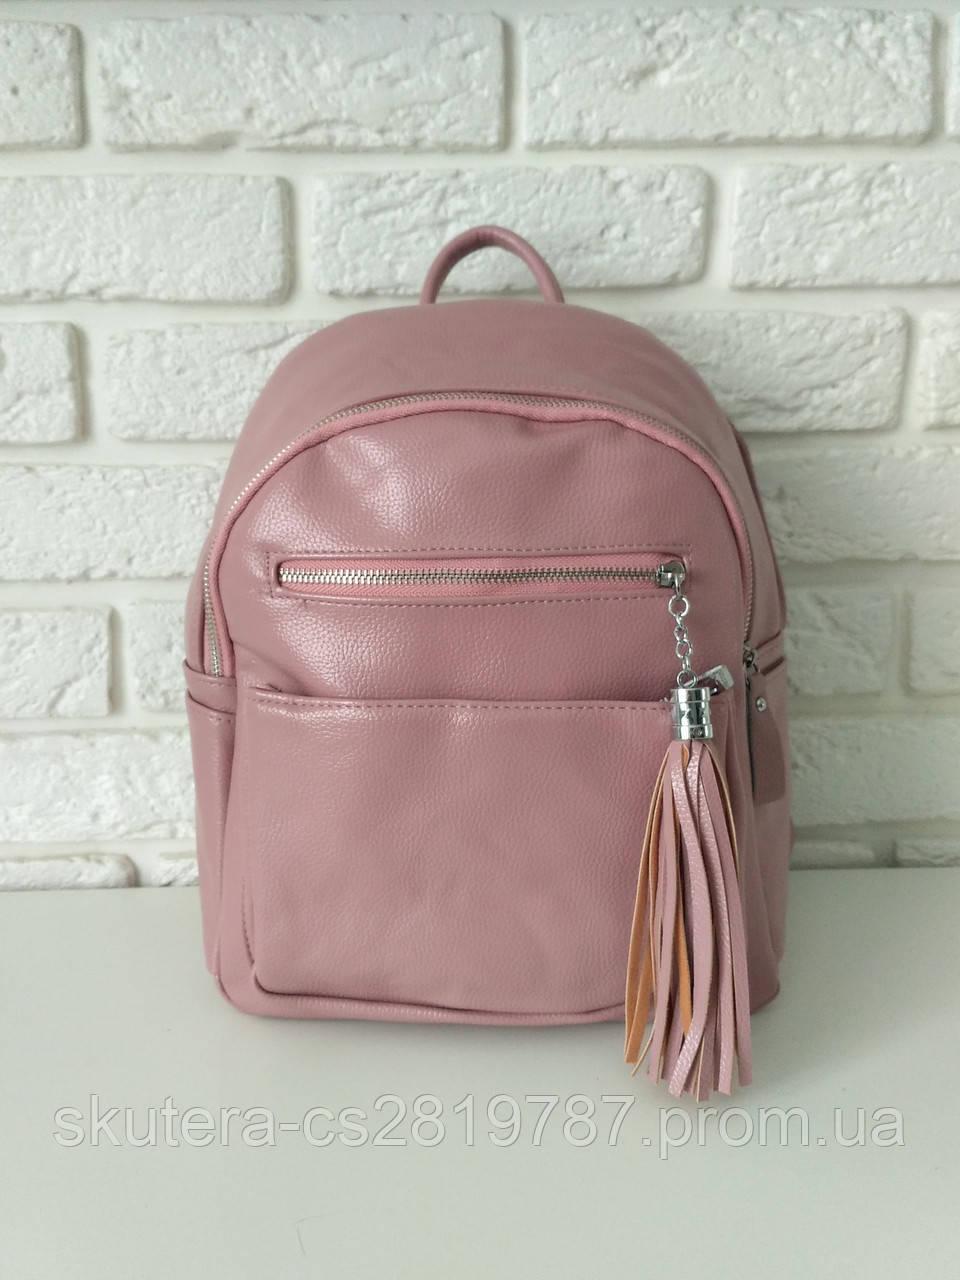 Женский Повседневный Рюкзак-сумка (трансформер)